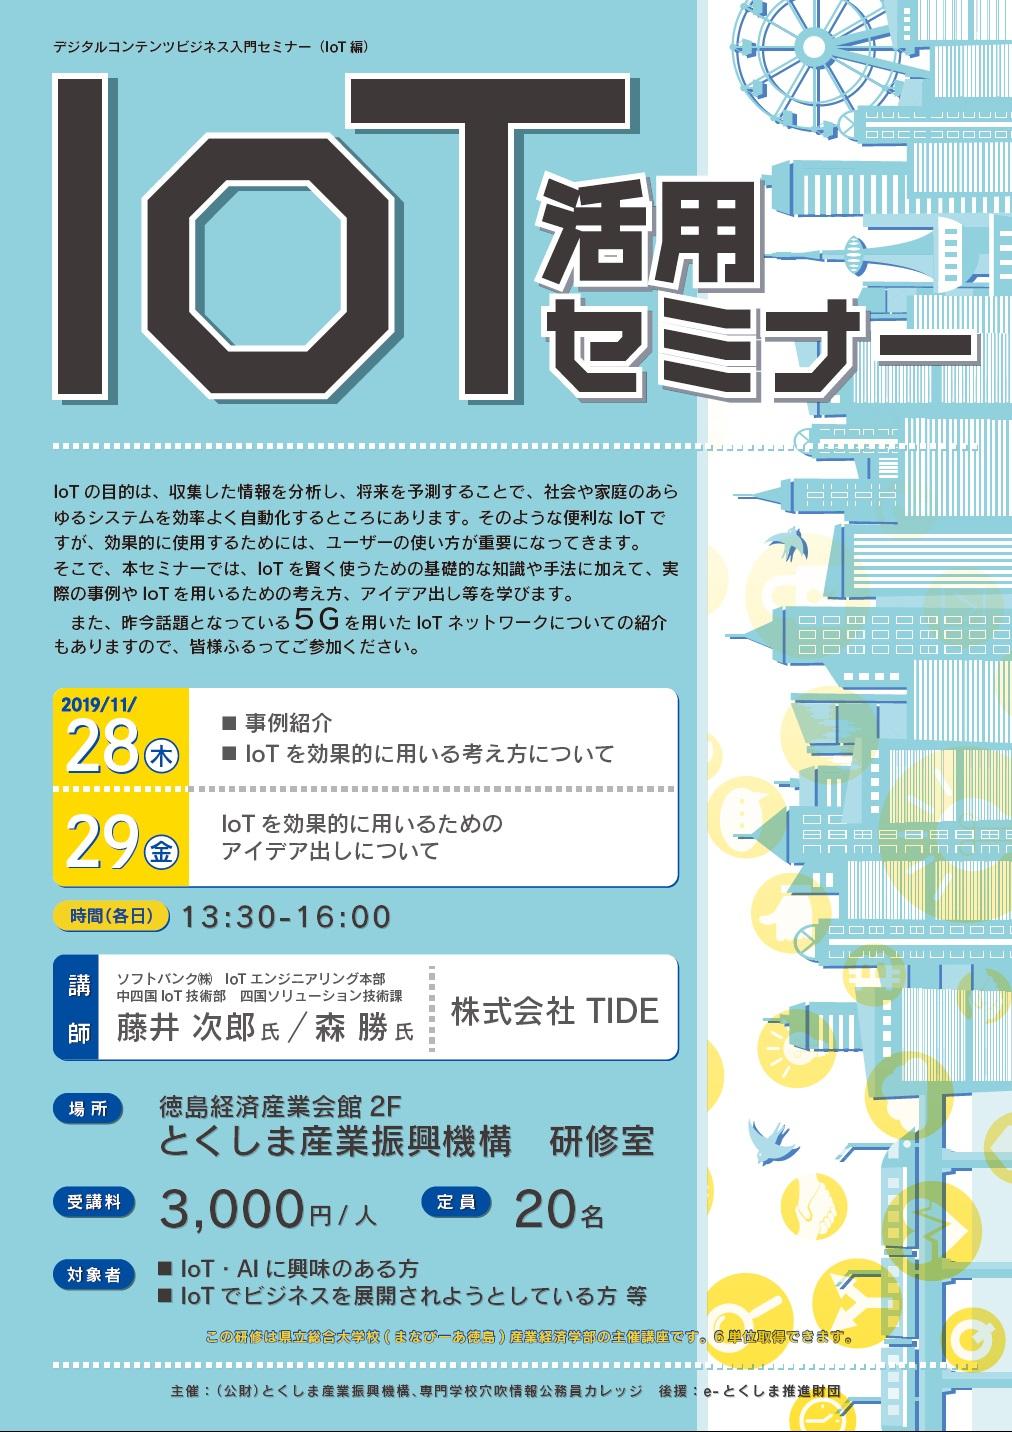 デジタルコンテンツビジネス入門セミナー(IoT編)